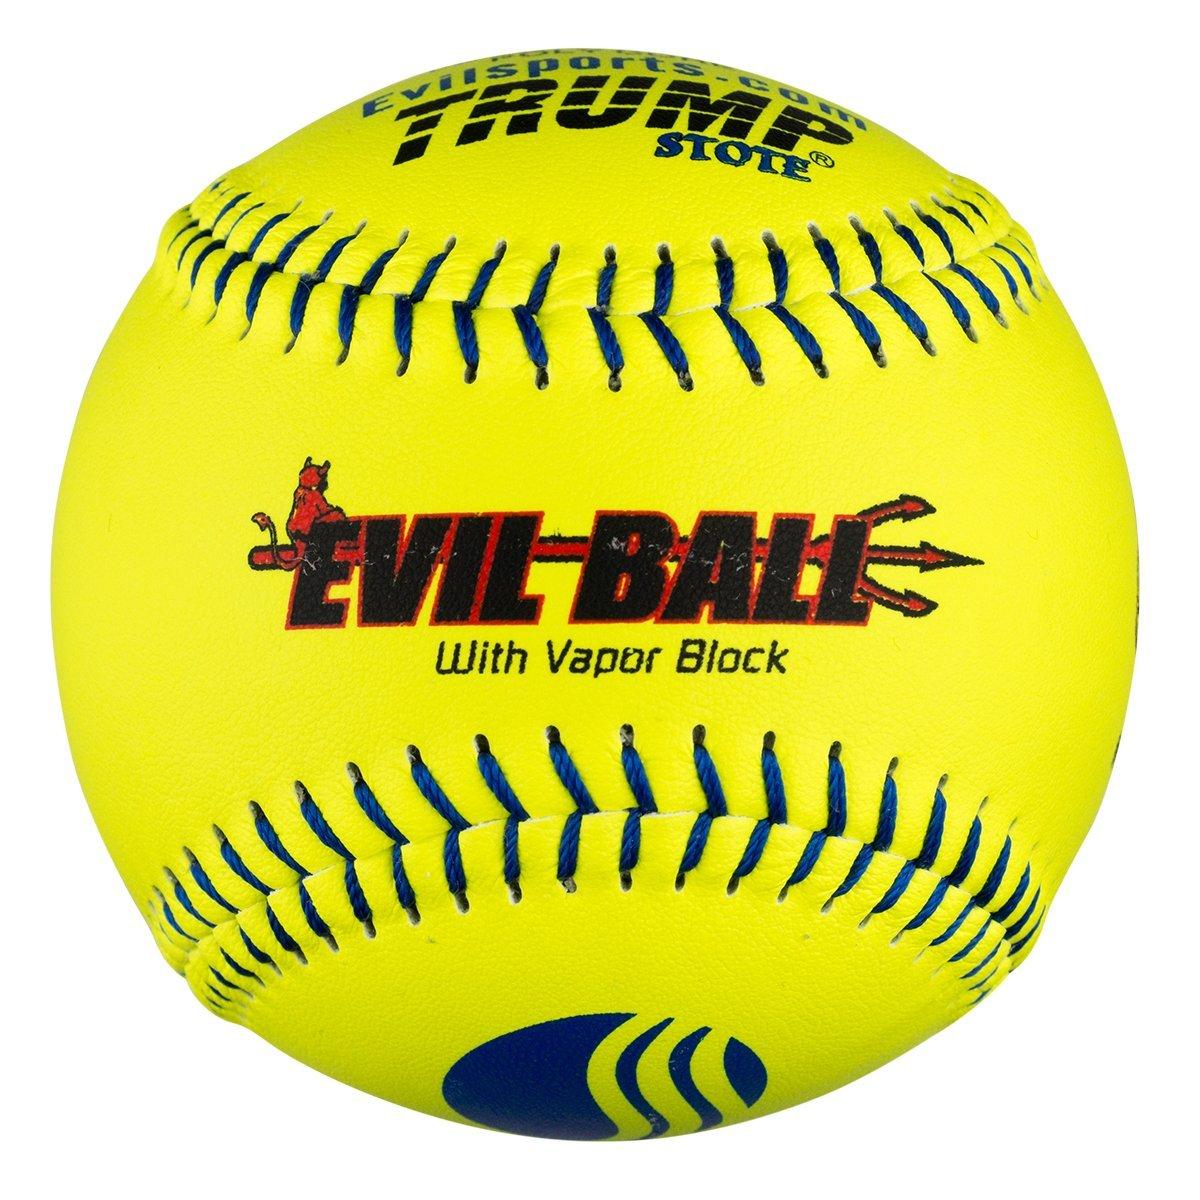 Half Dozen Evil Ball USSSA 12 Softballs 40 cor 325 Compression MP-EVIL-CLAS-Y-2 Classic M 6 Balls